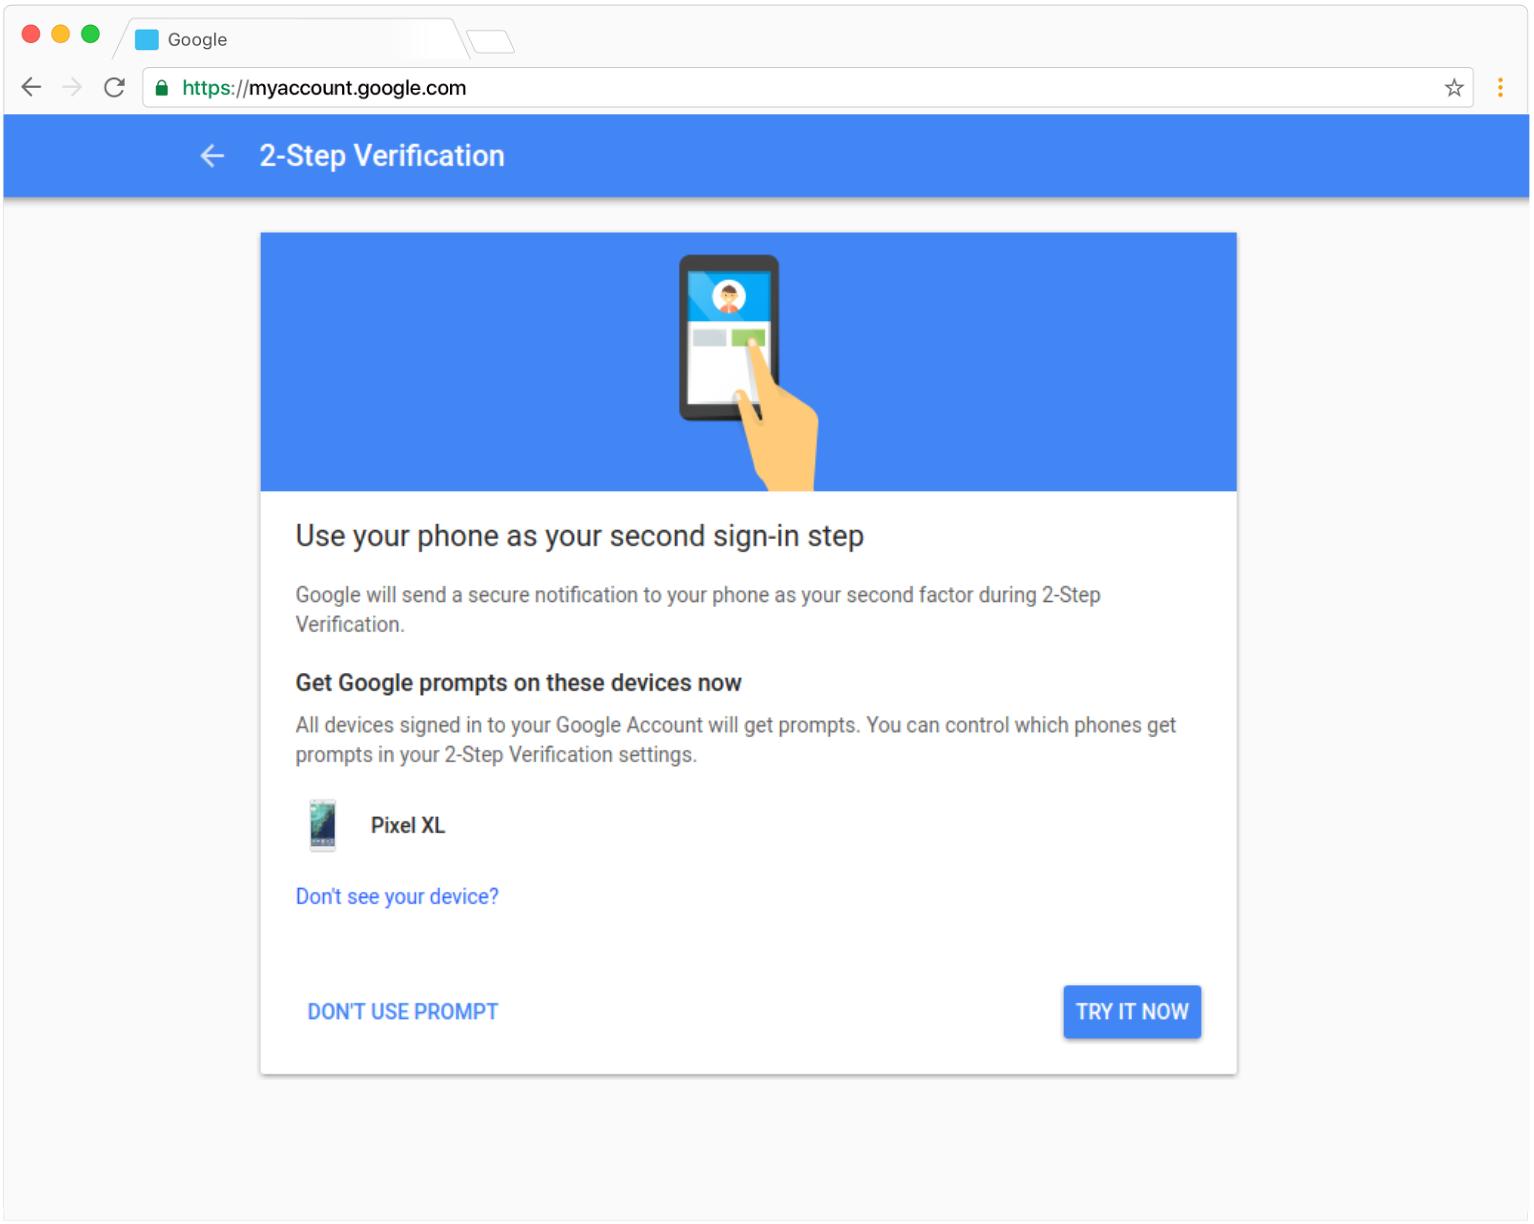 Verificacion en 2 pasos Google prompt